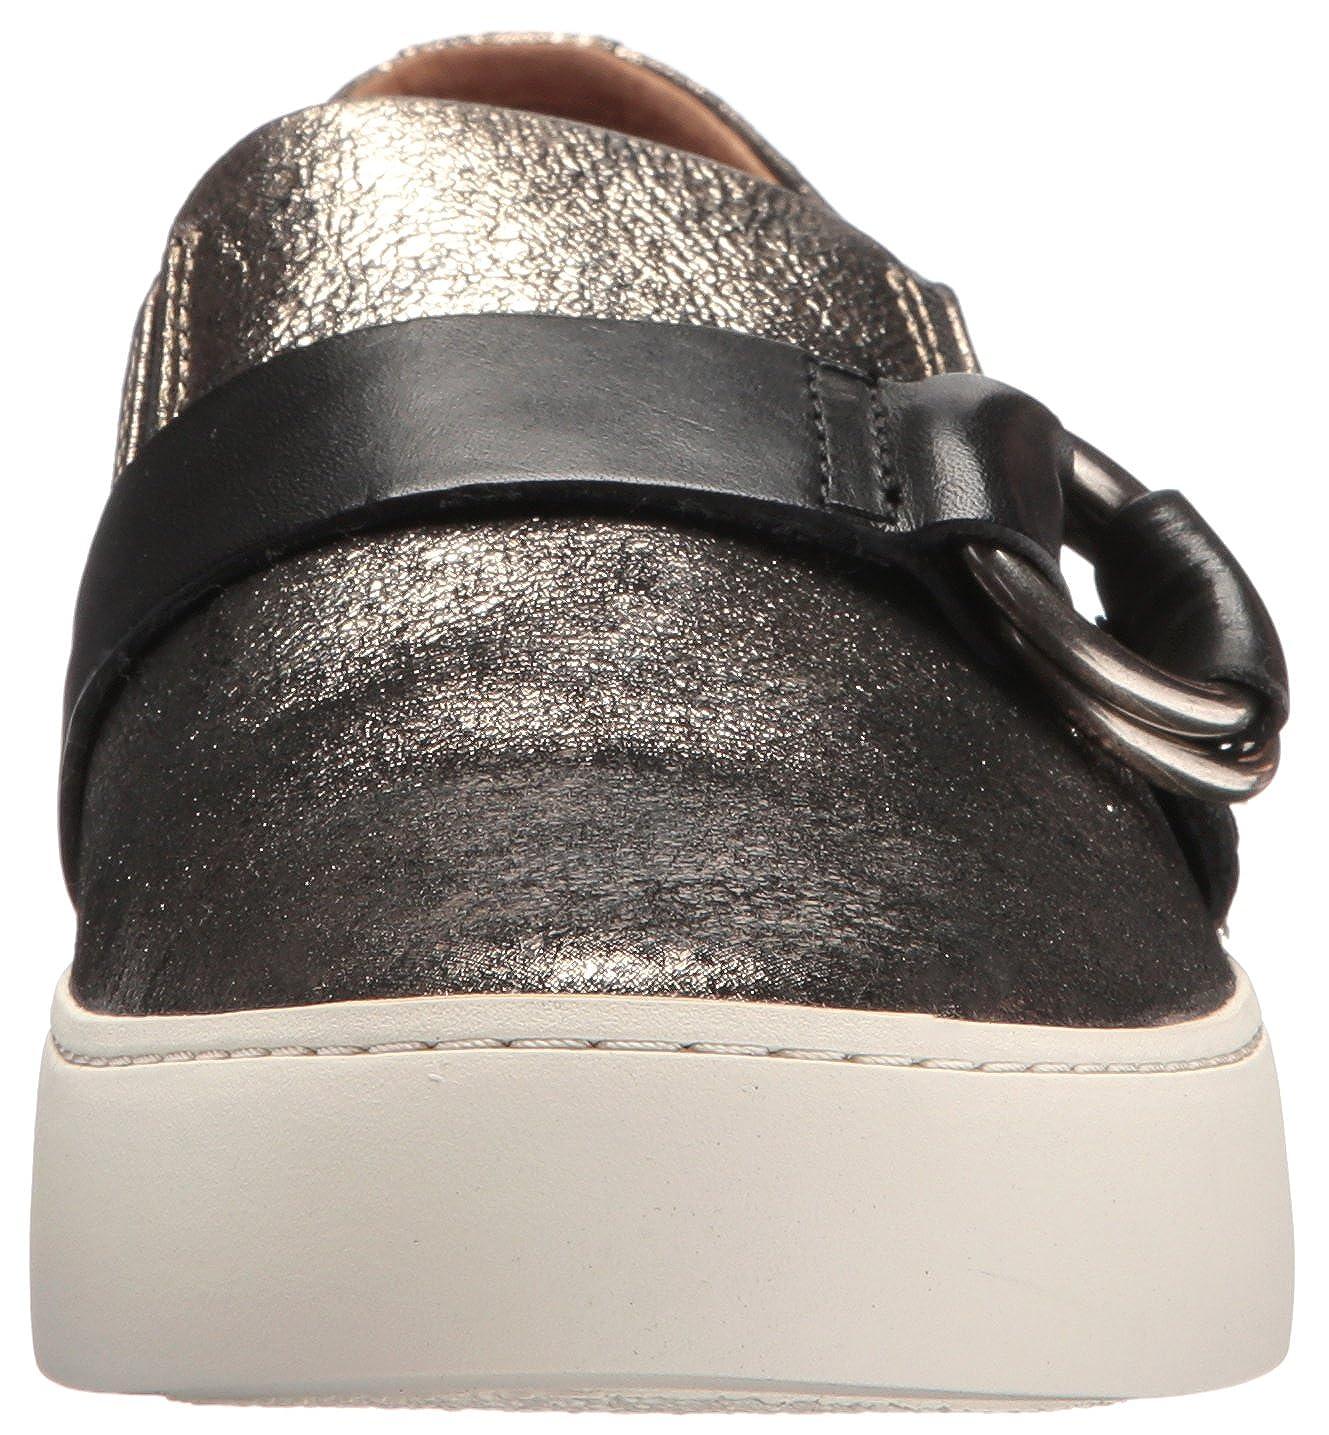 d5f175fe6241 Frye Women s Lena Harness Slip Slip Slip B01MY0OH9B Fashion Sneakers ...